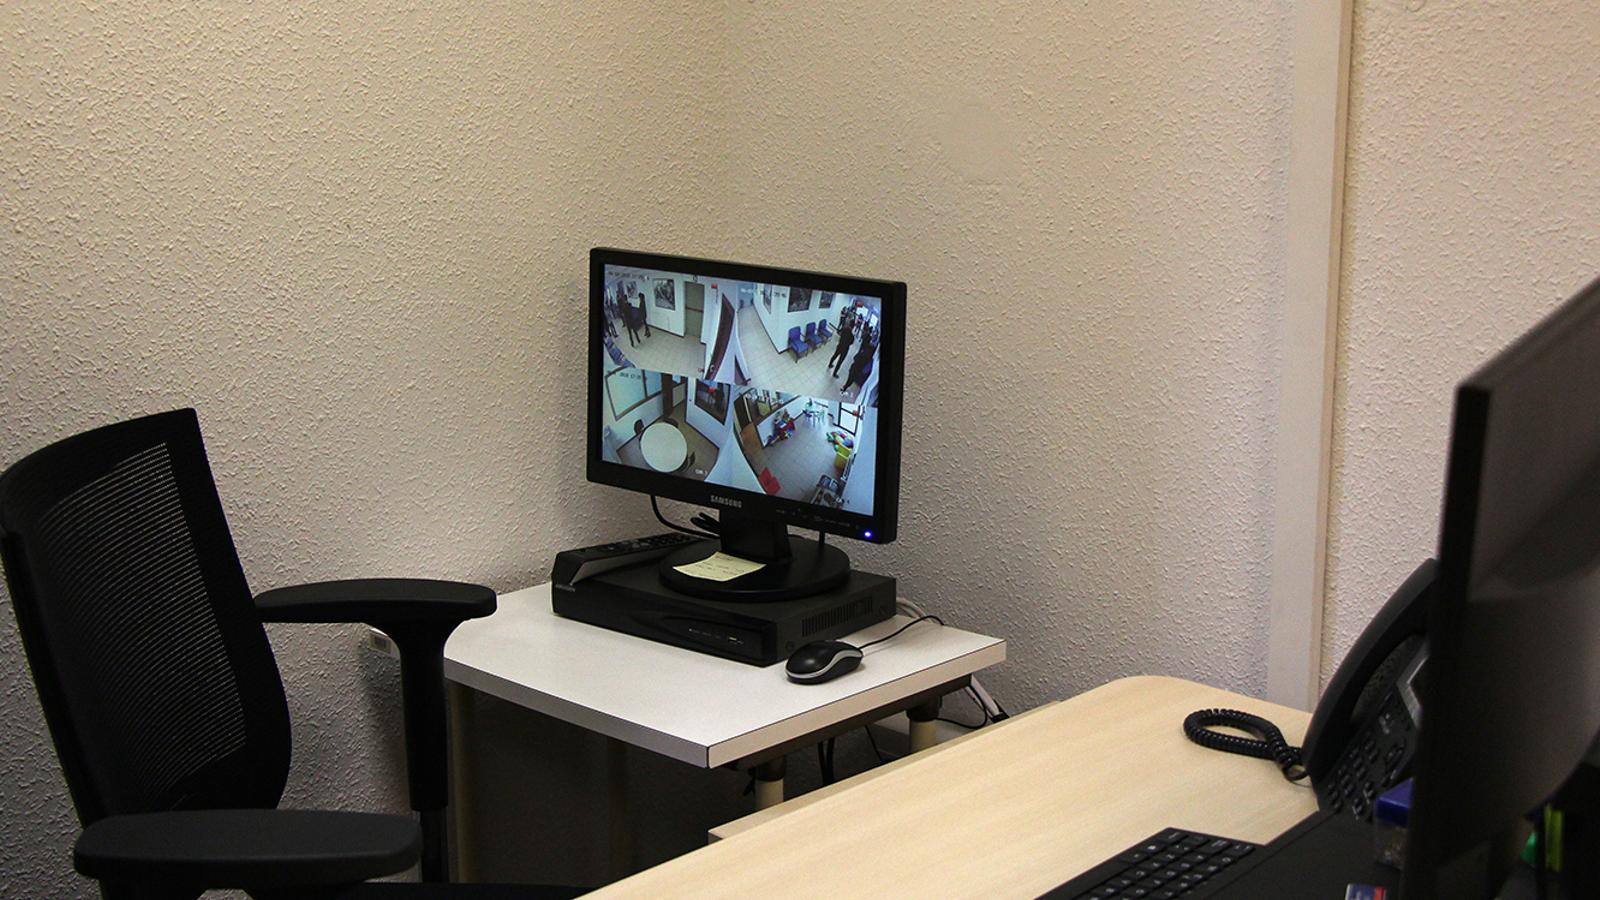 El despatx des del qual es poden controlar les càmeres que hi ha a les sales de visites. / ARXIU ANA